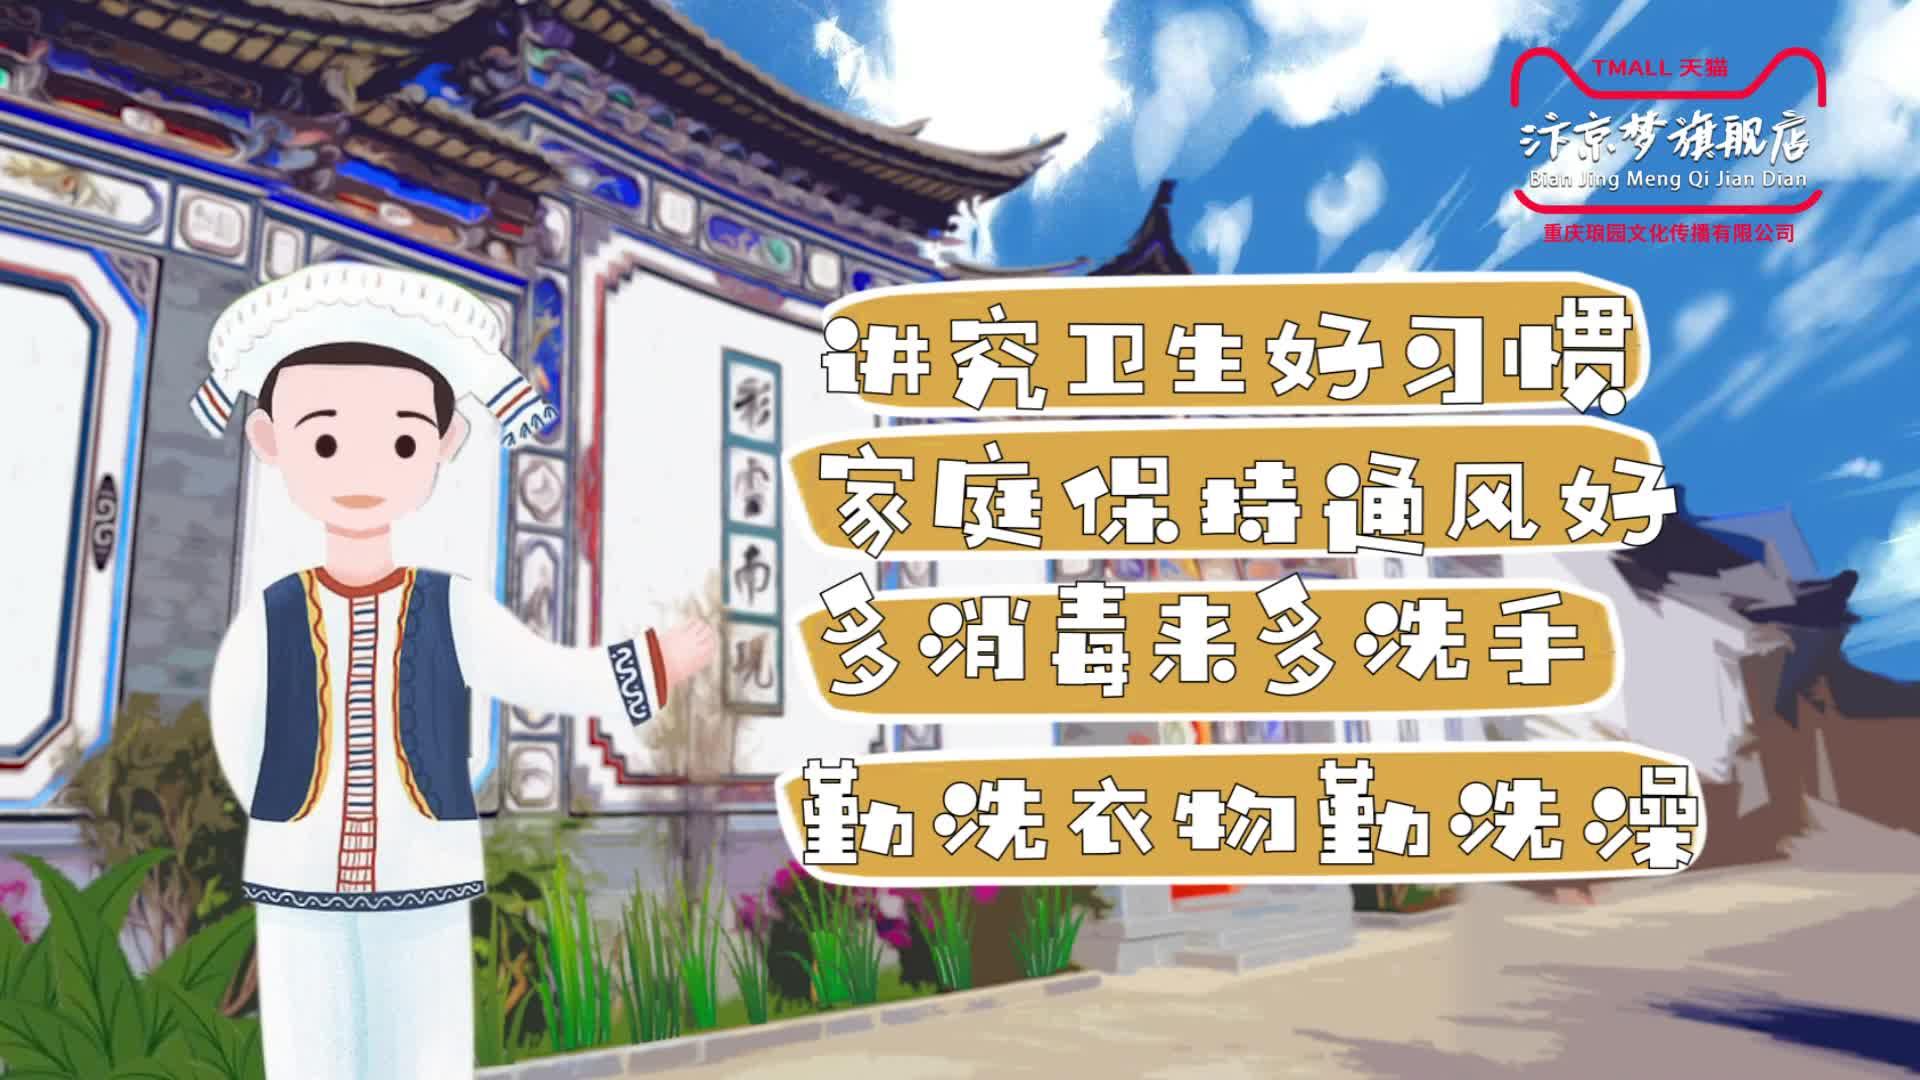 云南广电- 疫情防控宣传动画